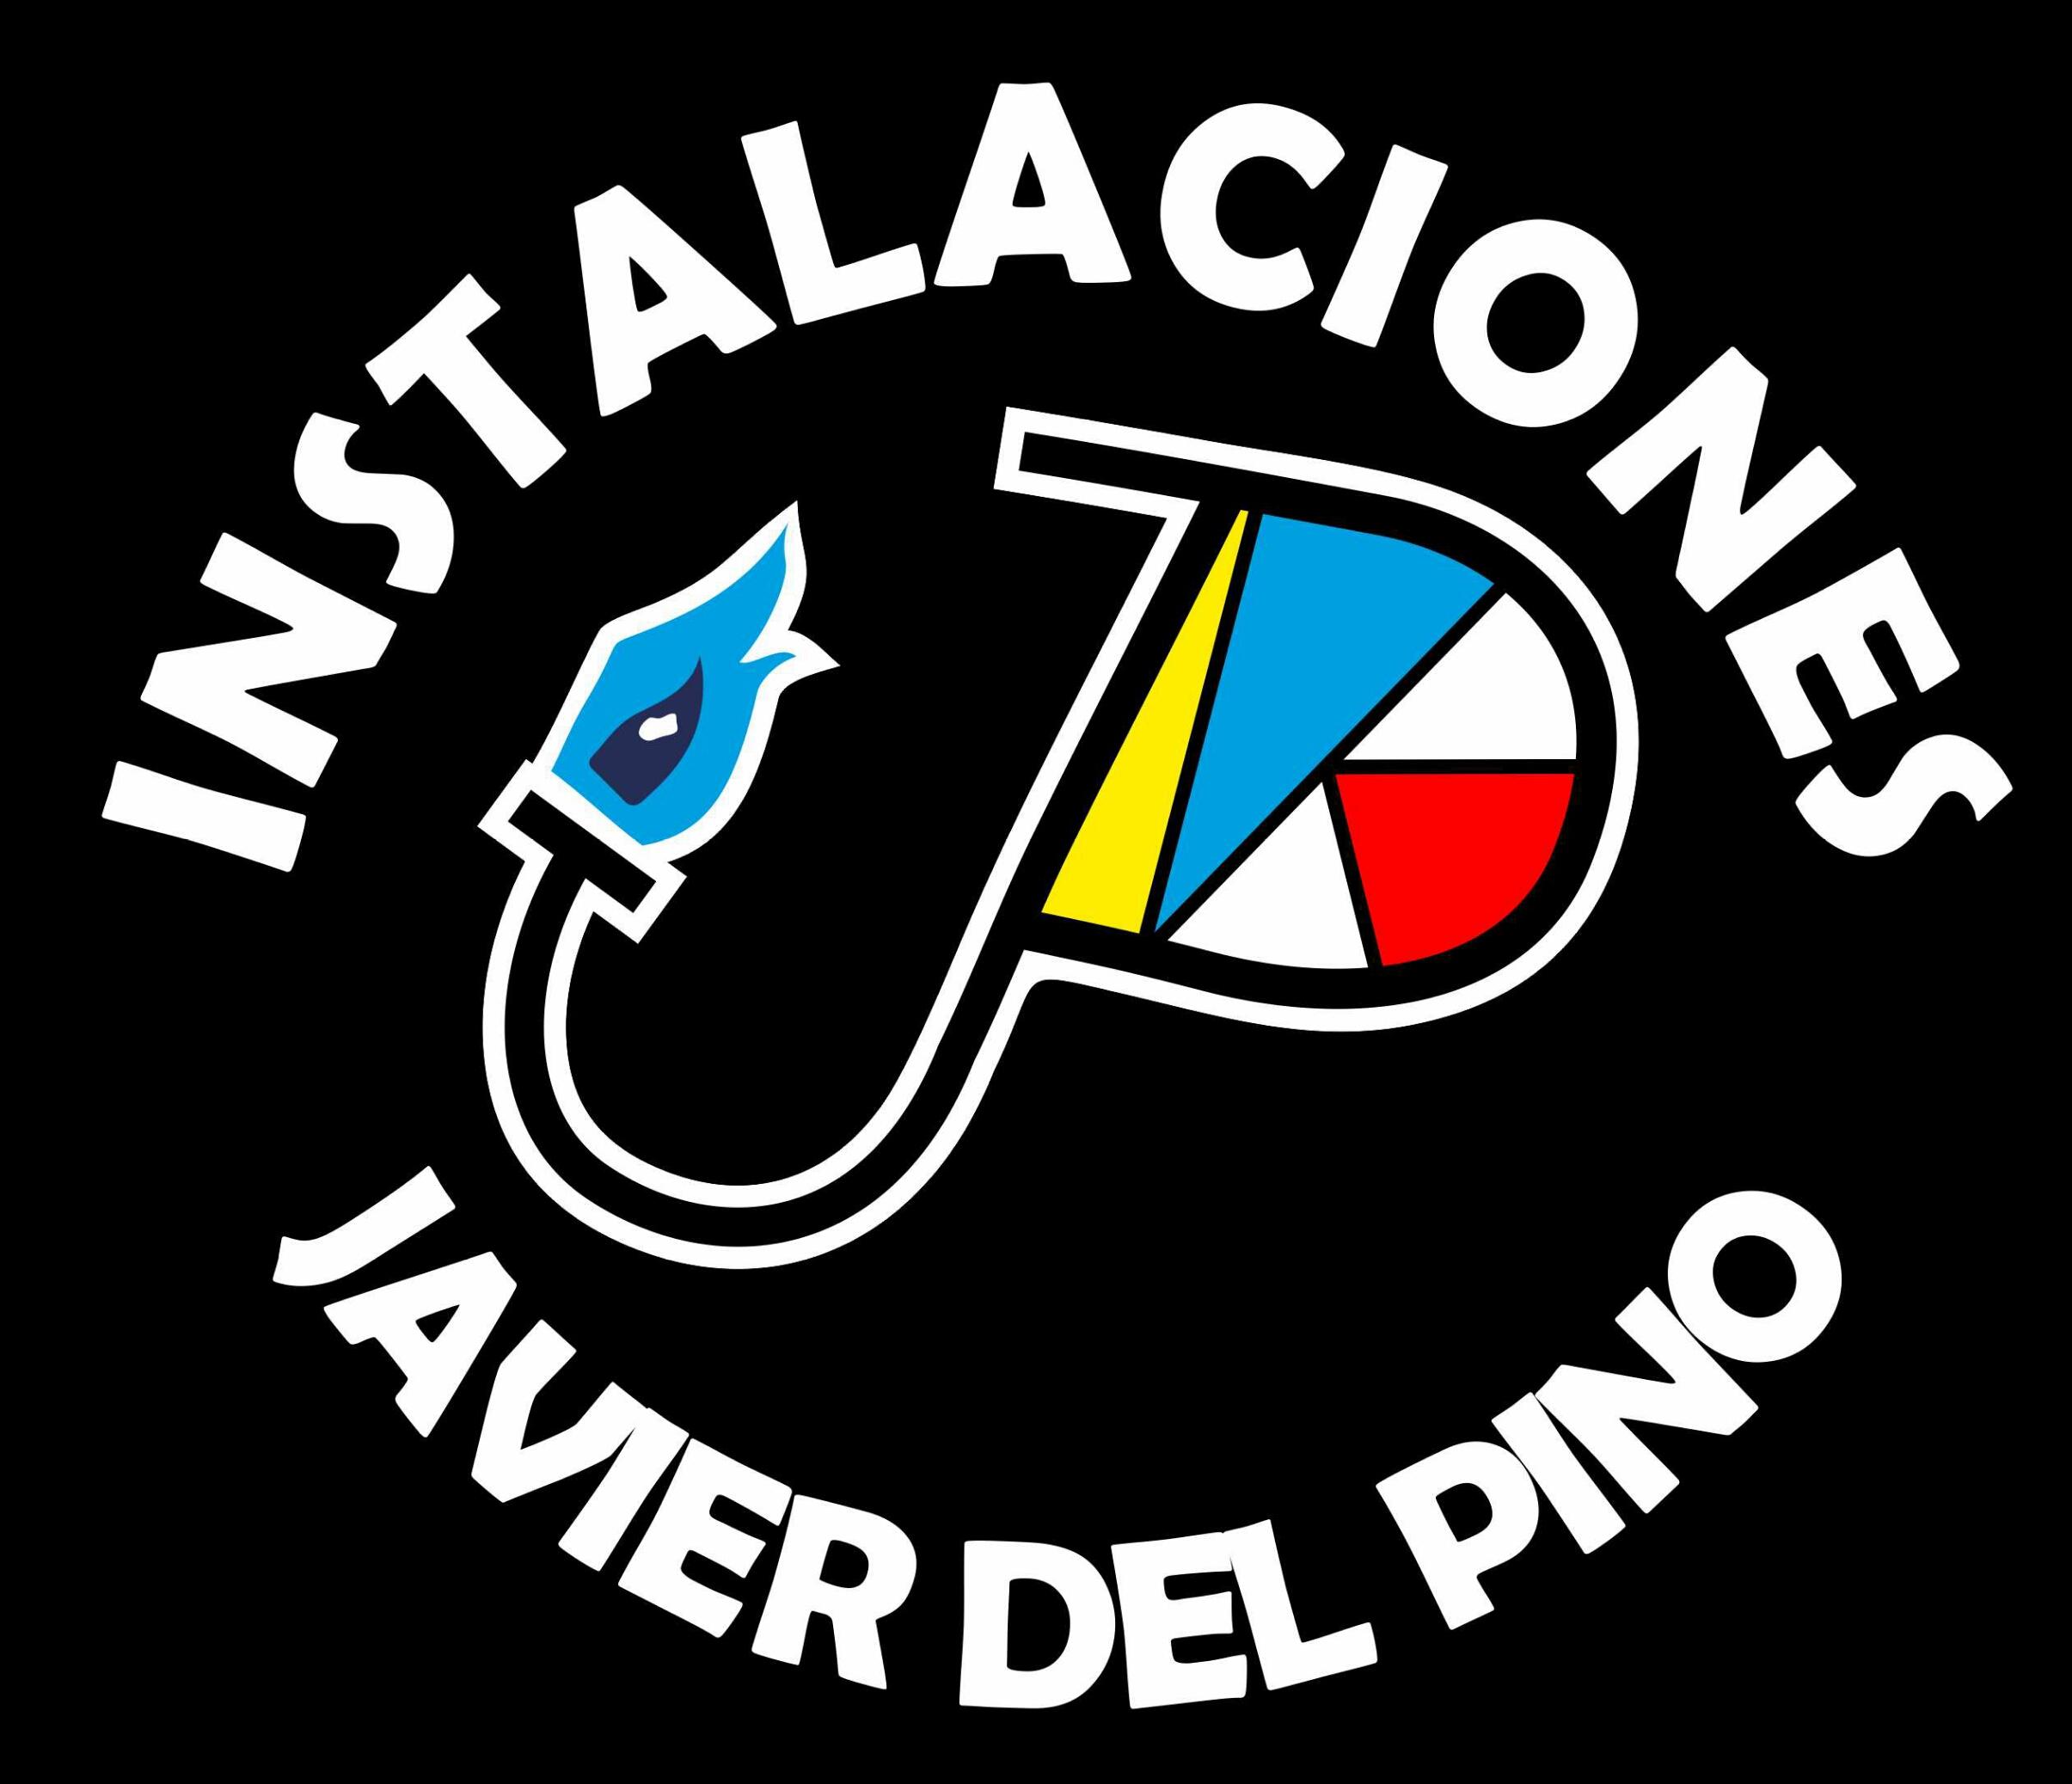 Instalaciones Javier Del Pino